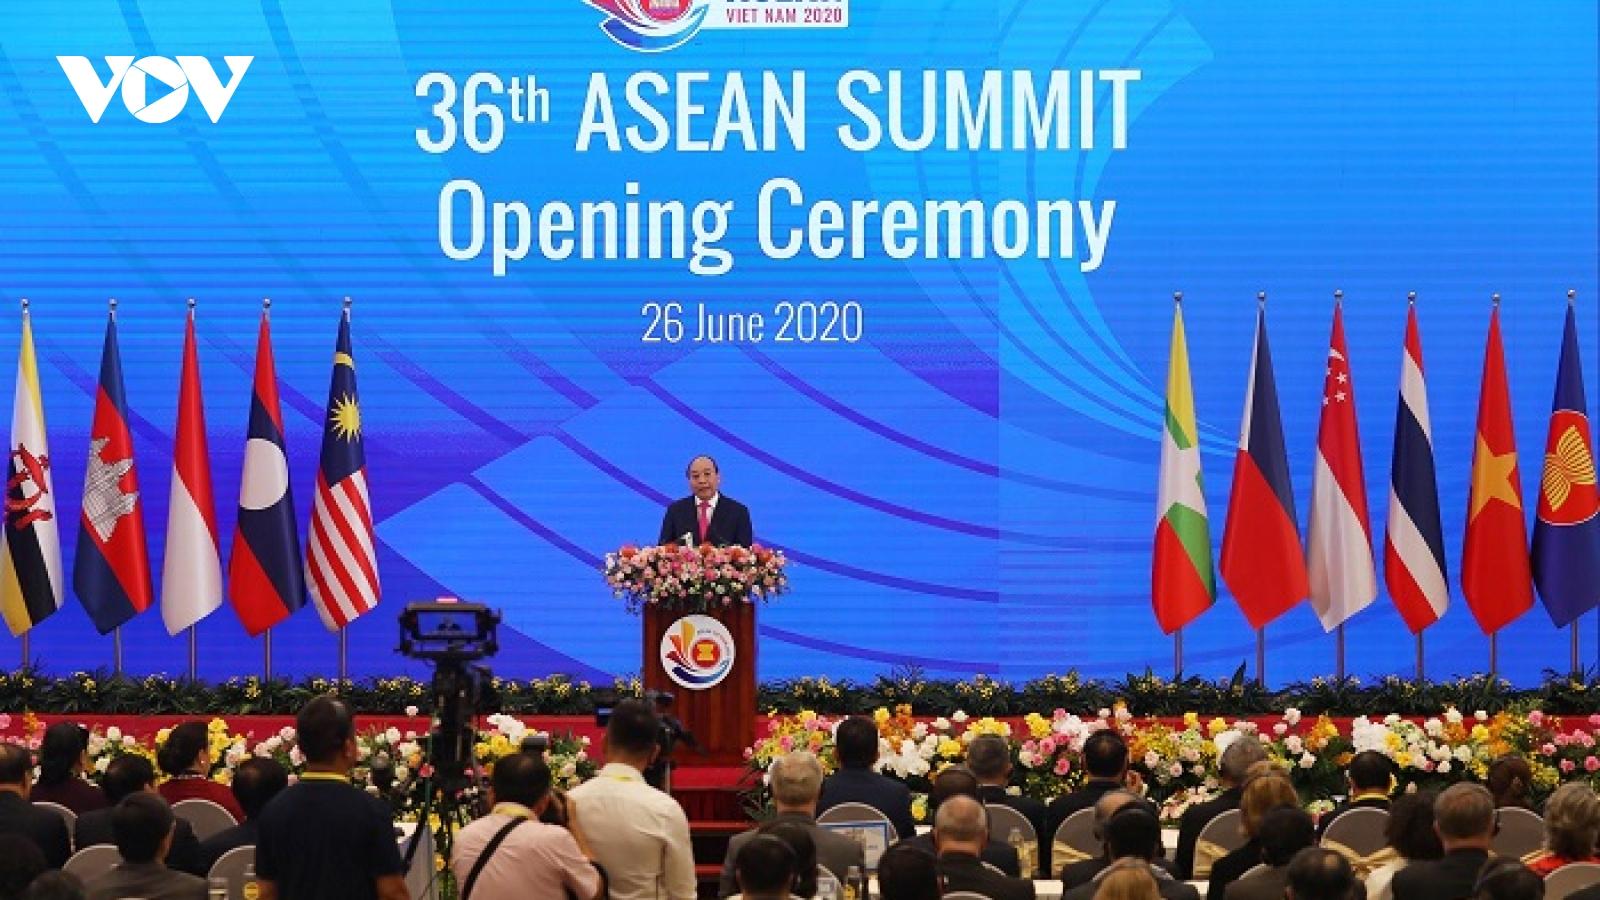 Hội nghị cấp cao ASEAN 37 diễn ra từ 12-15/11 theo hình thức trực tuyến